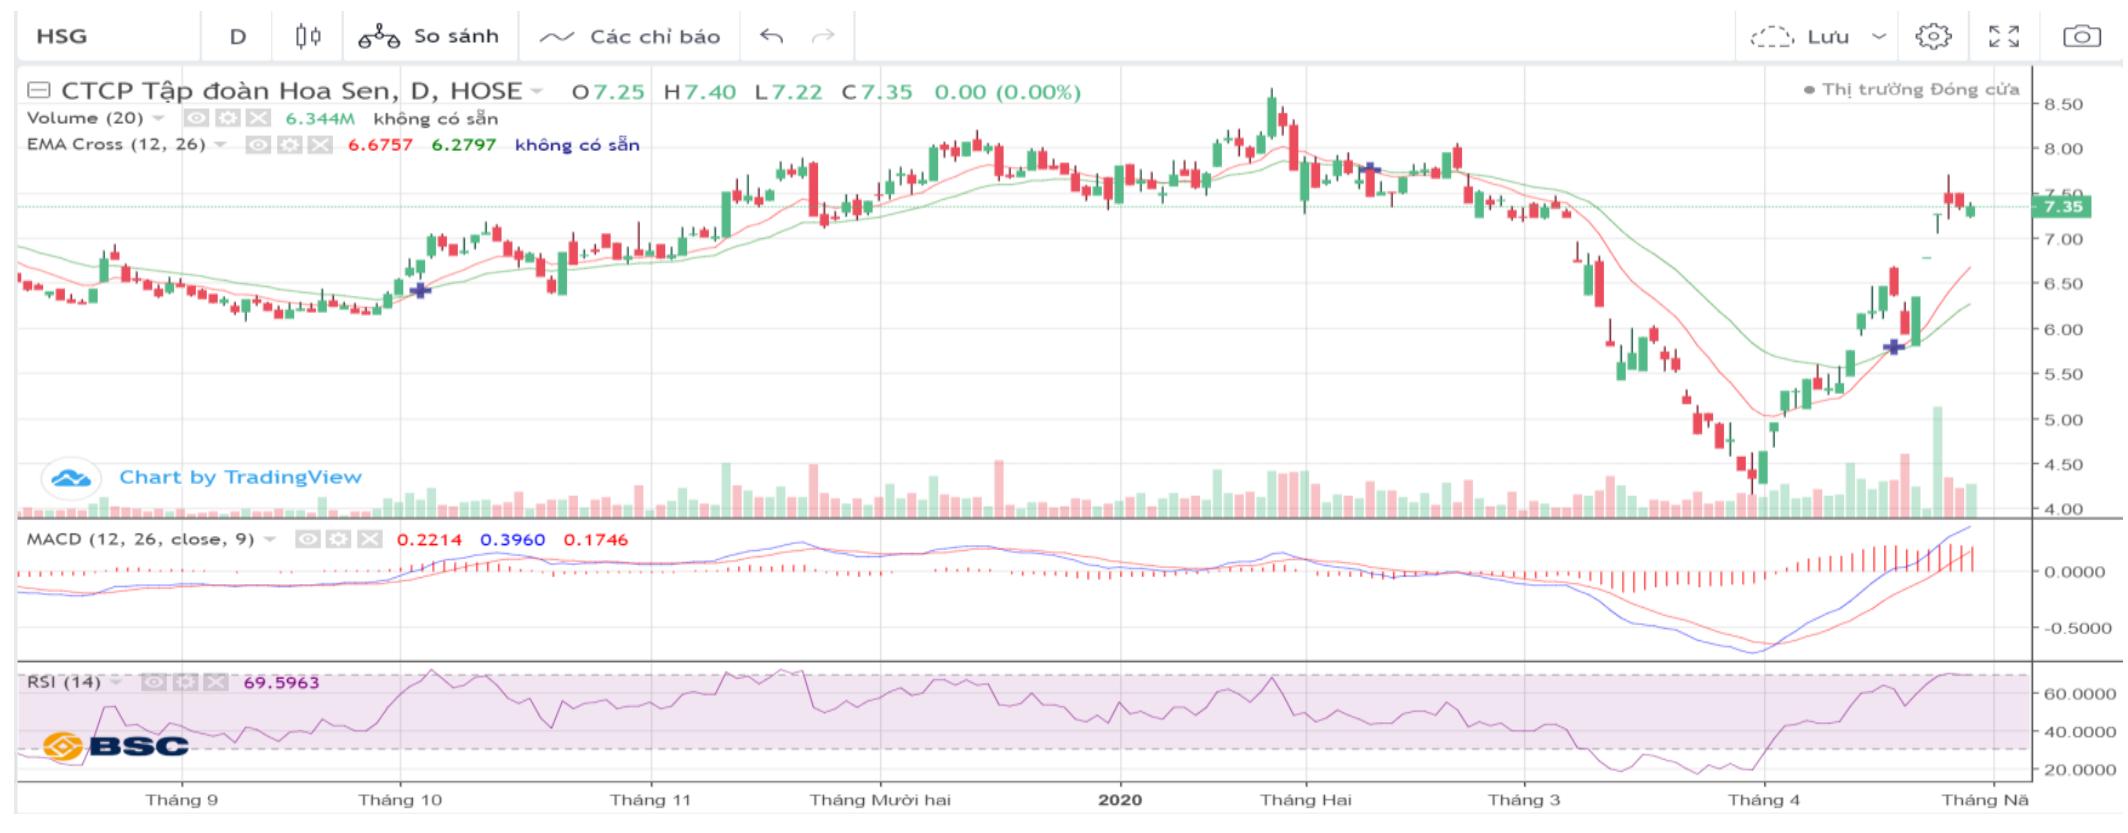 Cổ phiếu tâm điểm ngày 4/5: BMI, POW, VEA, DBC - Ảnh 2.